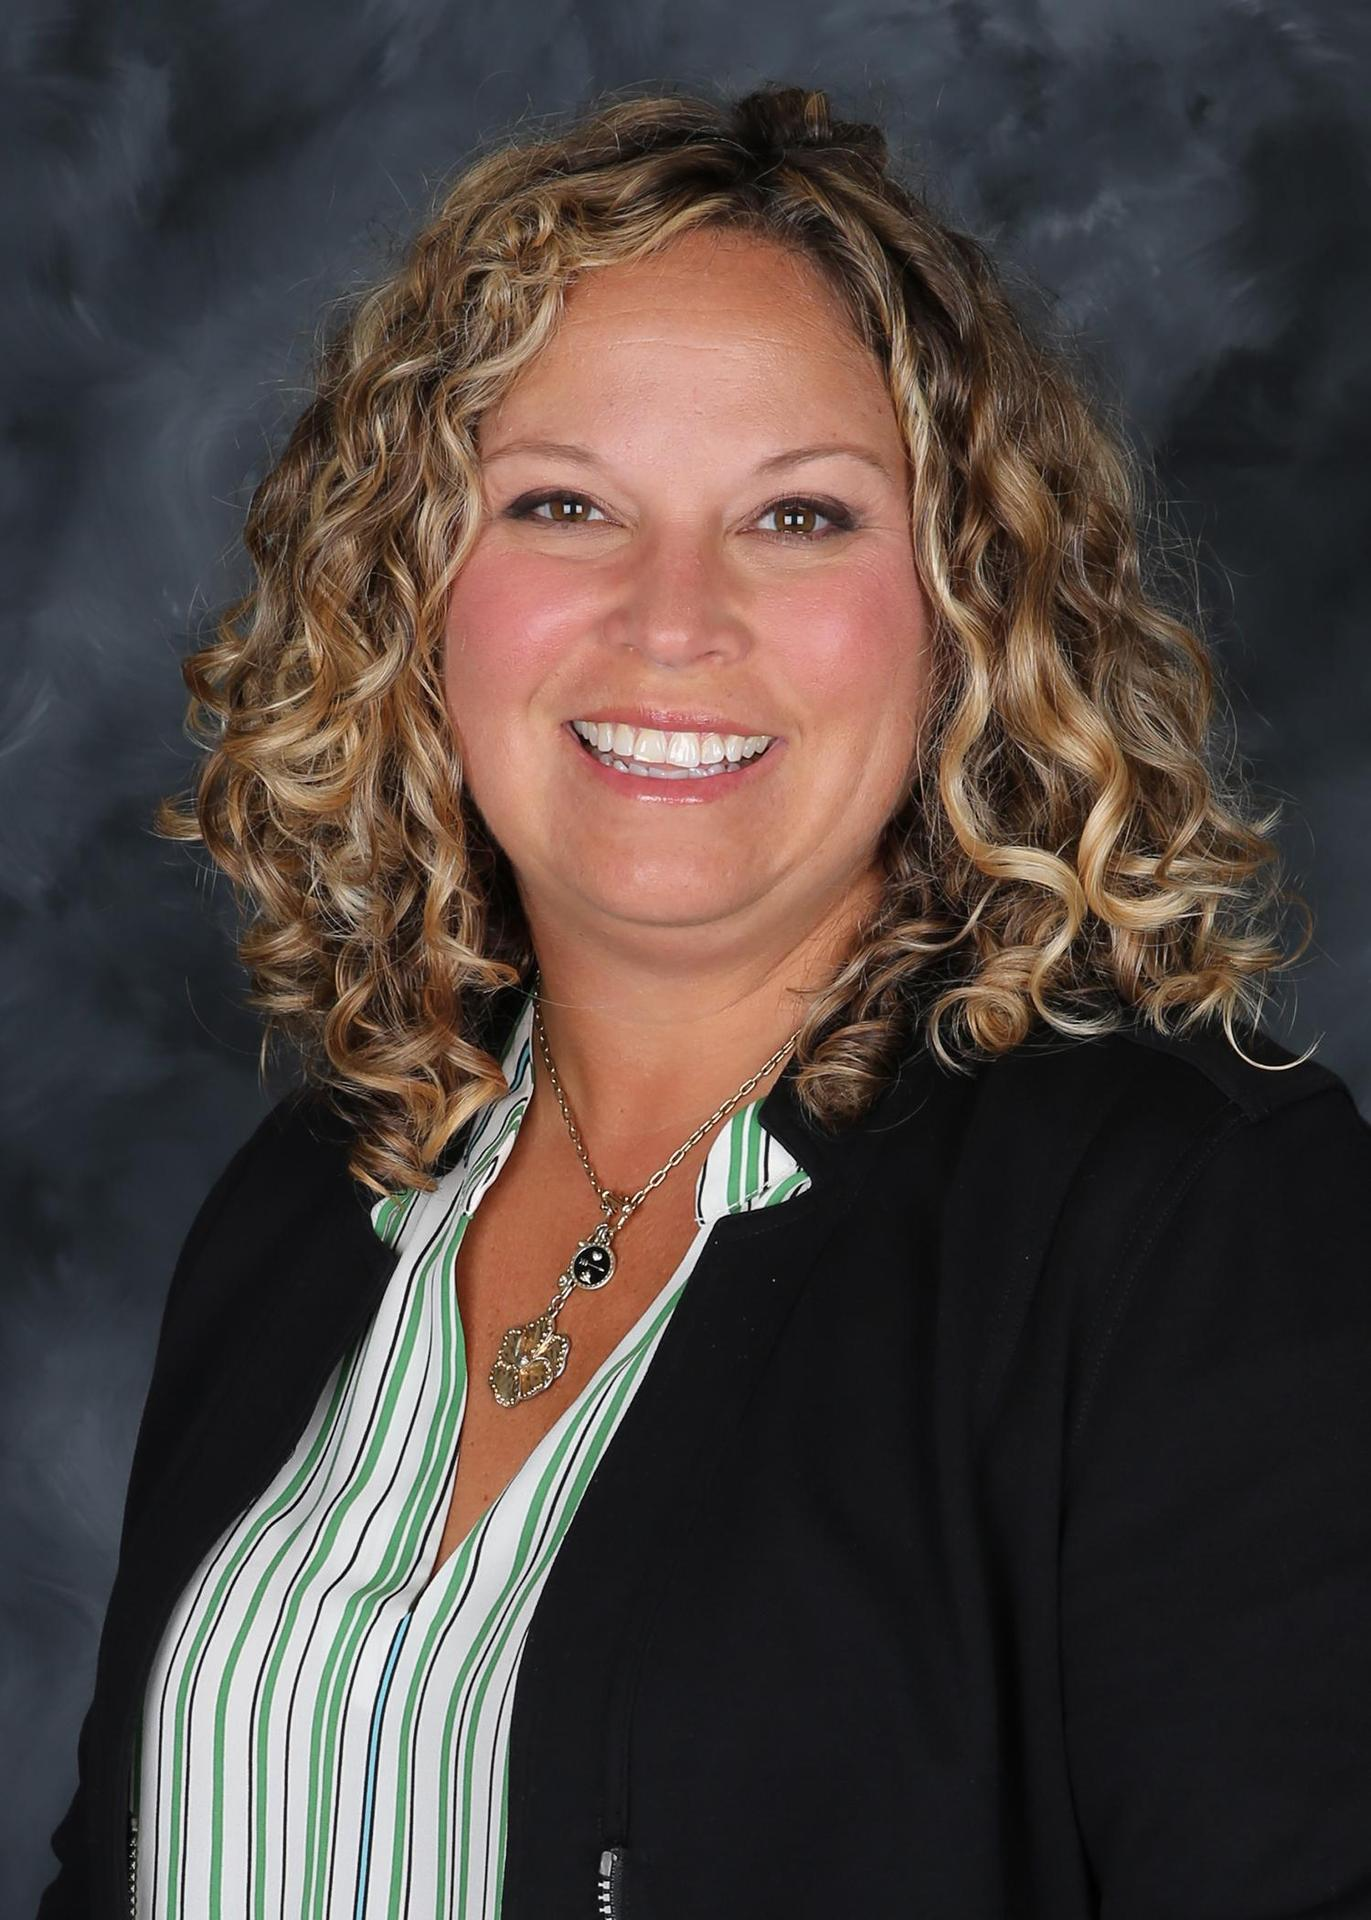 Suzanne Zahner